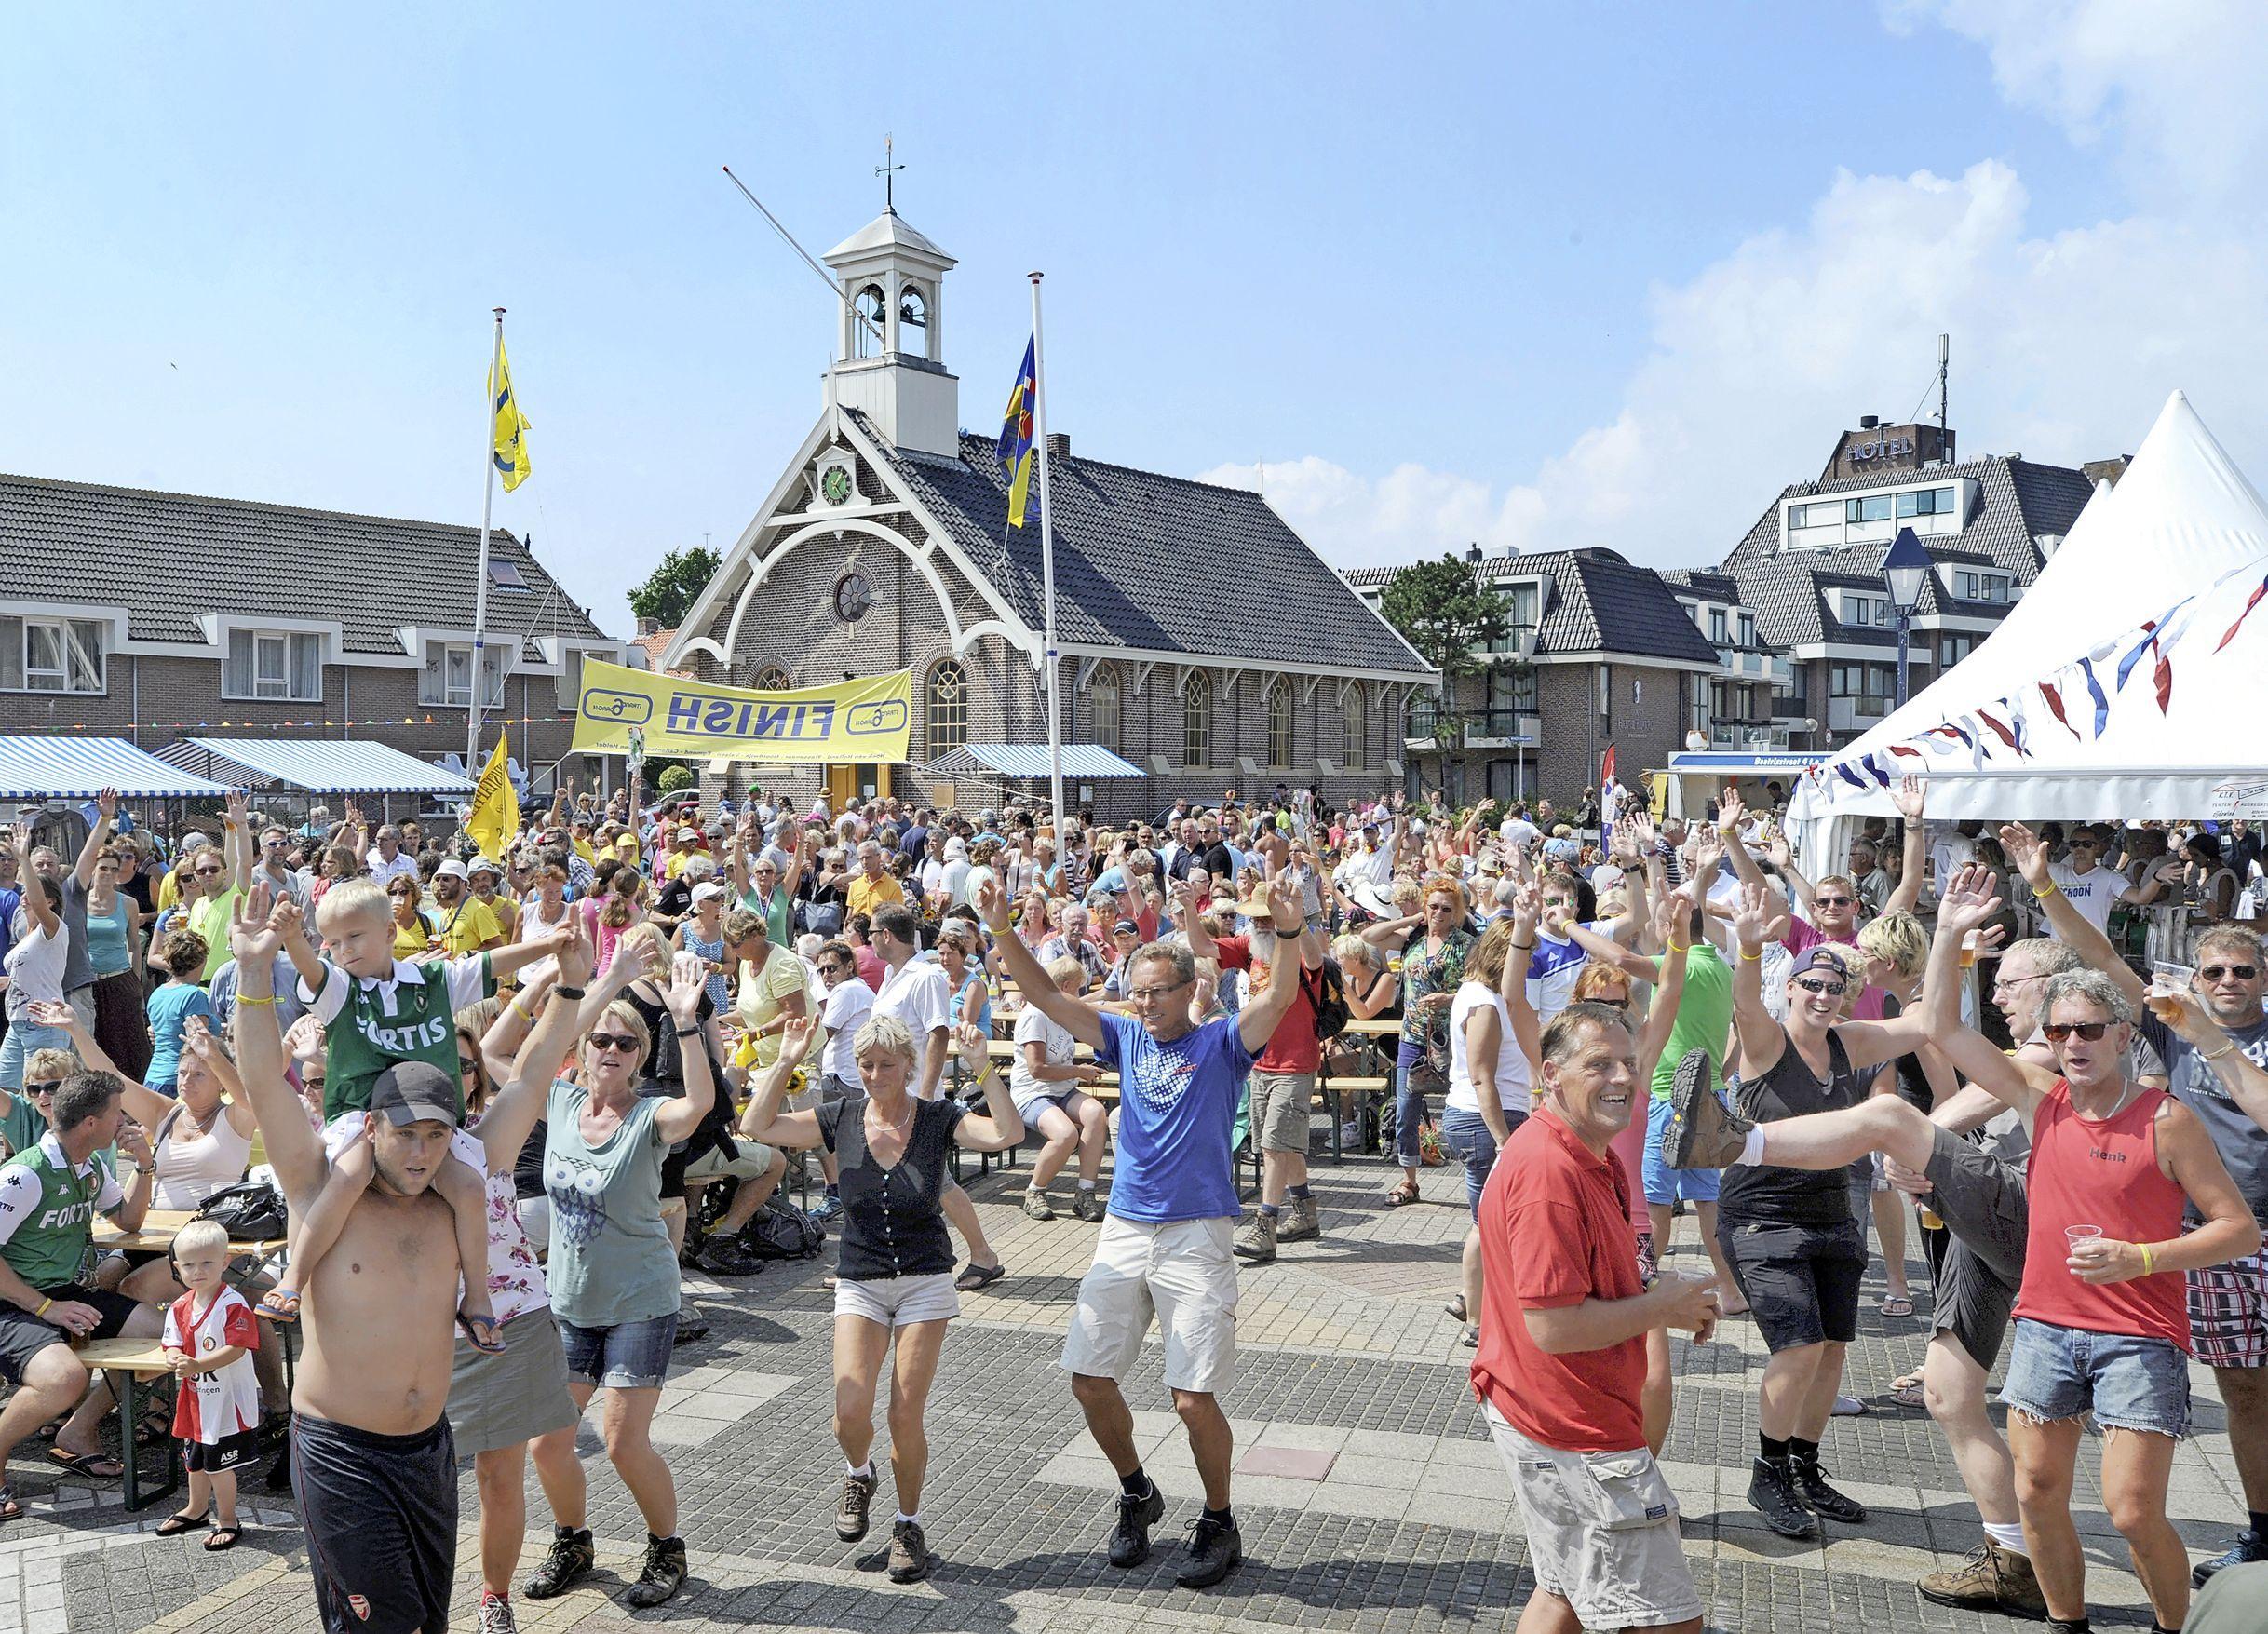 Normaal is het groot feest, de laatste etappe van de Strandzesdaagse, maar zaterdag mondt het uit in een stille tocht. 'Geen dj, geen drank en geen gezelligheid in Huisduinen'